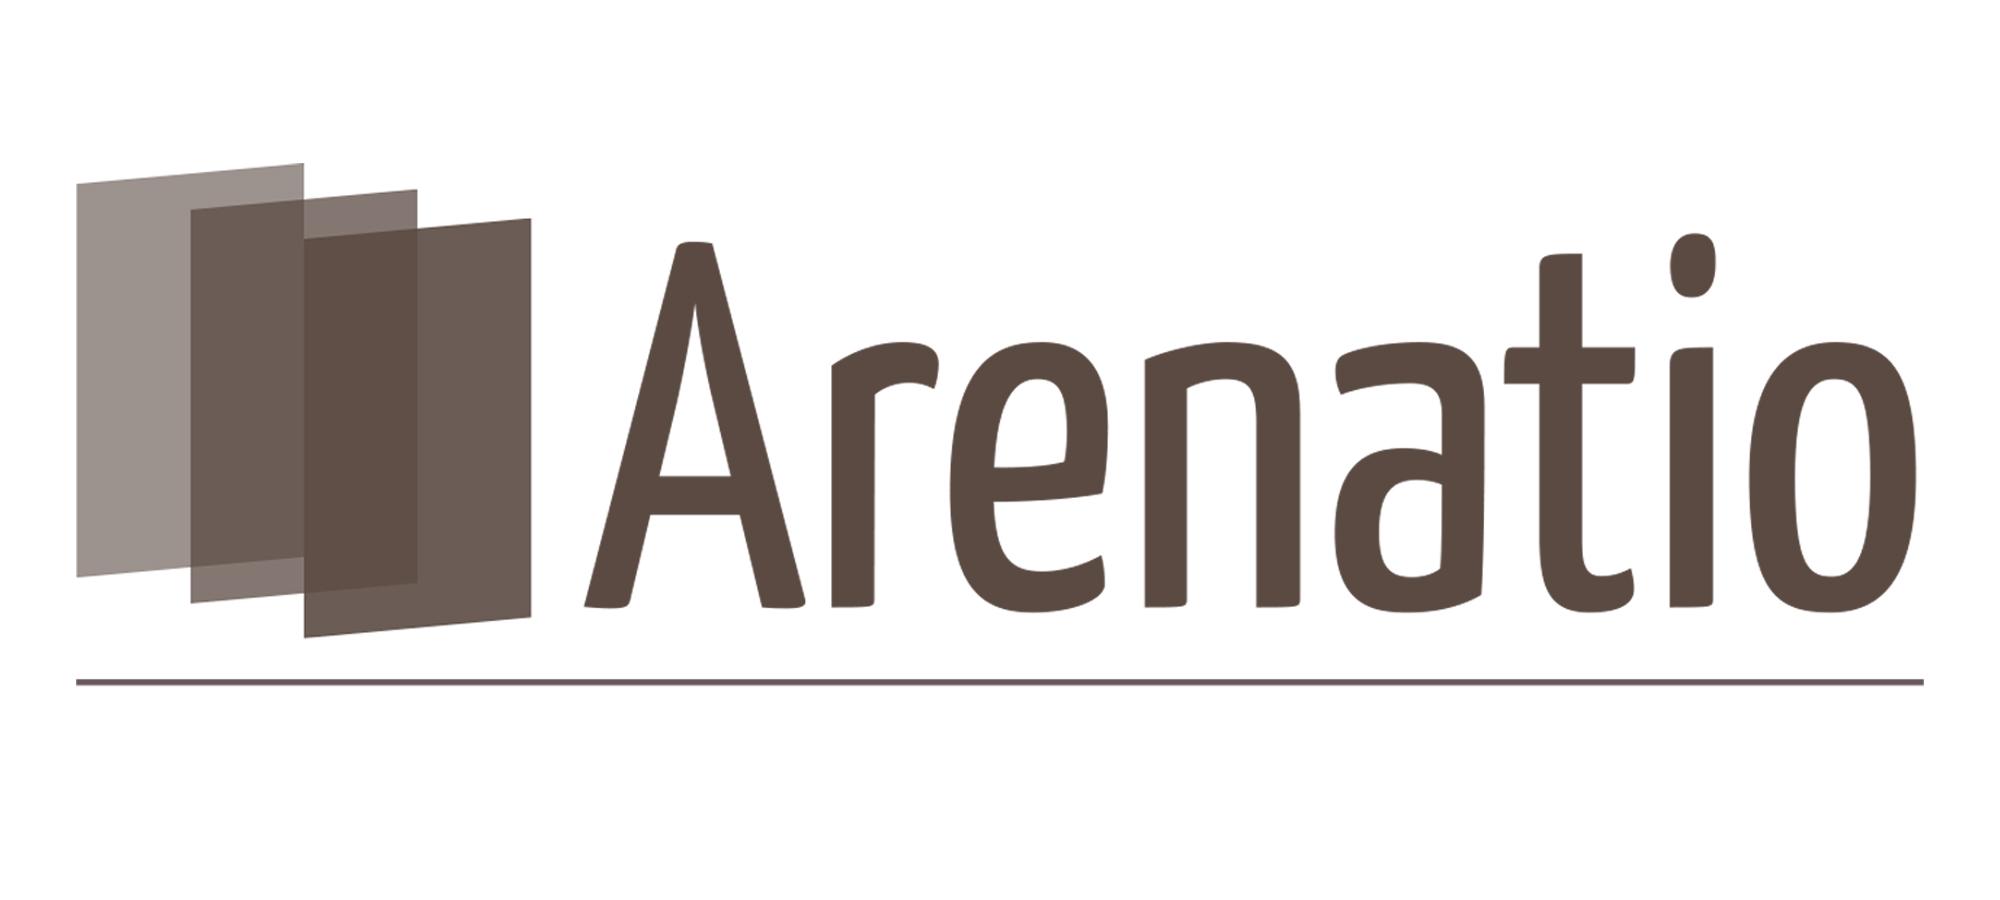 Arenatio logo